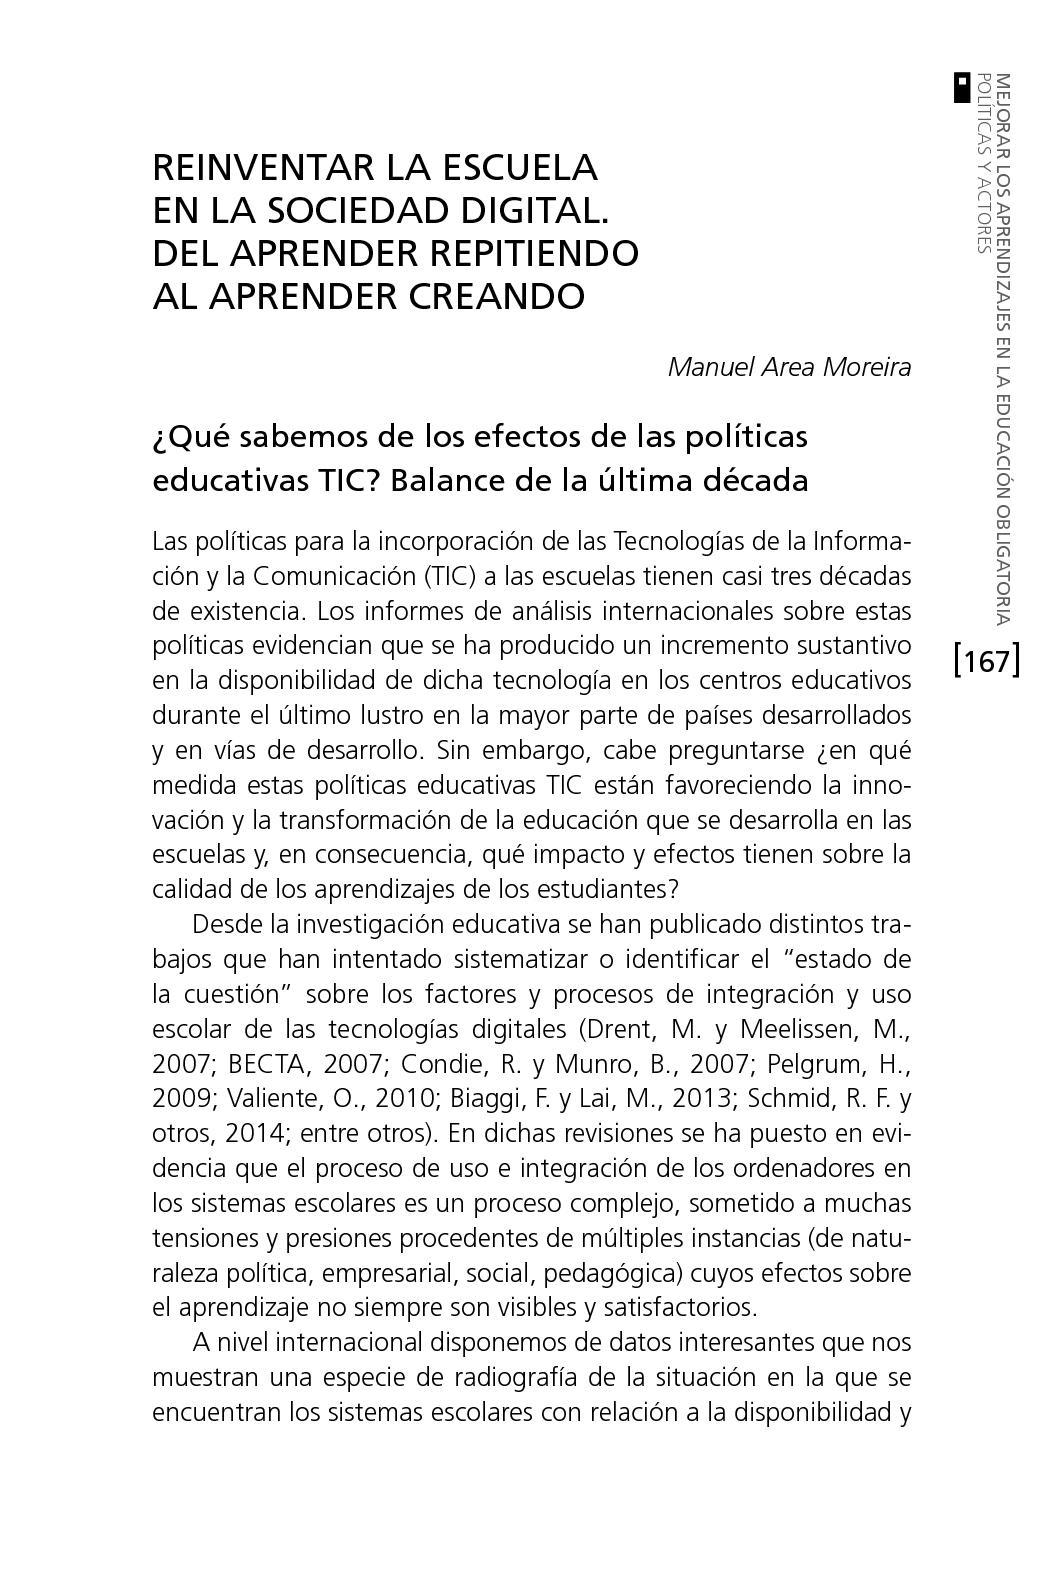 Calaméo - Reinventar La Escuela Manuel Area 2015